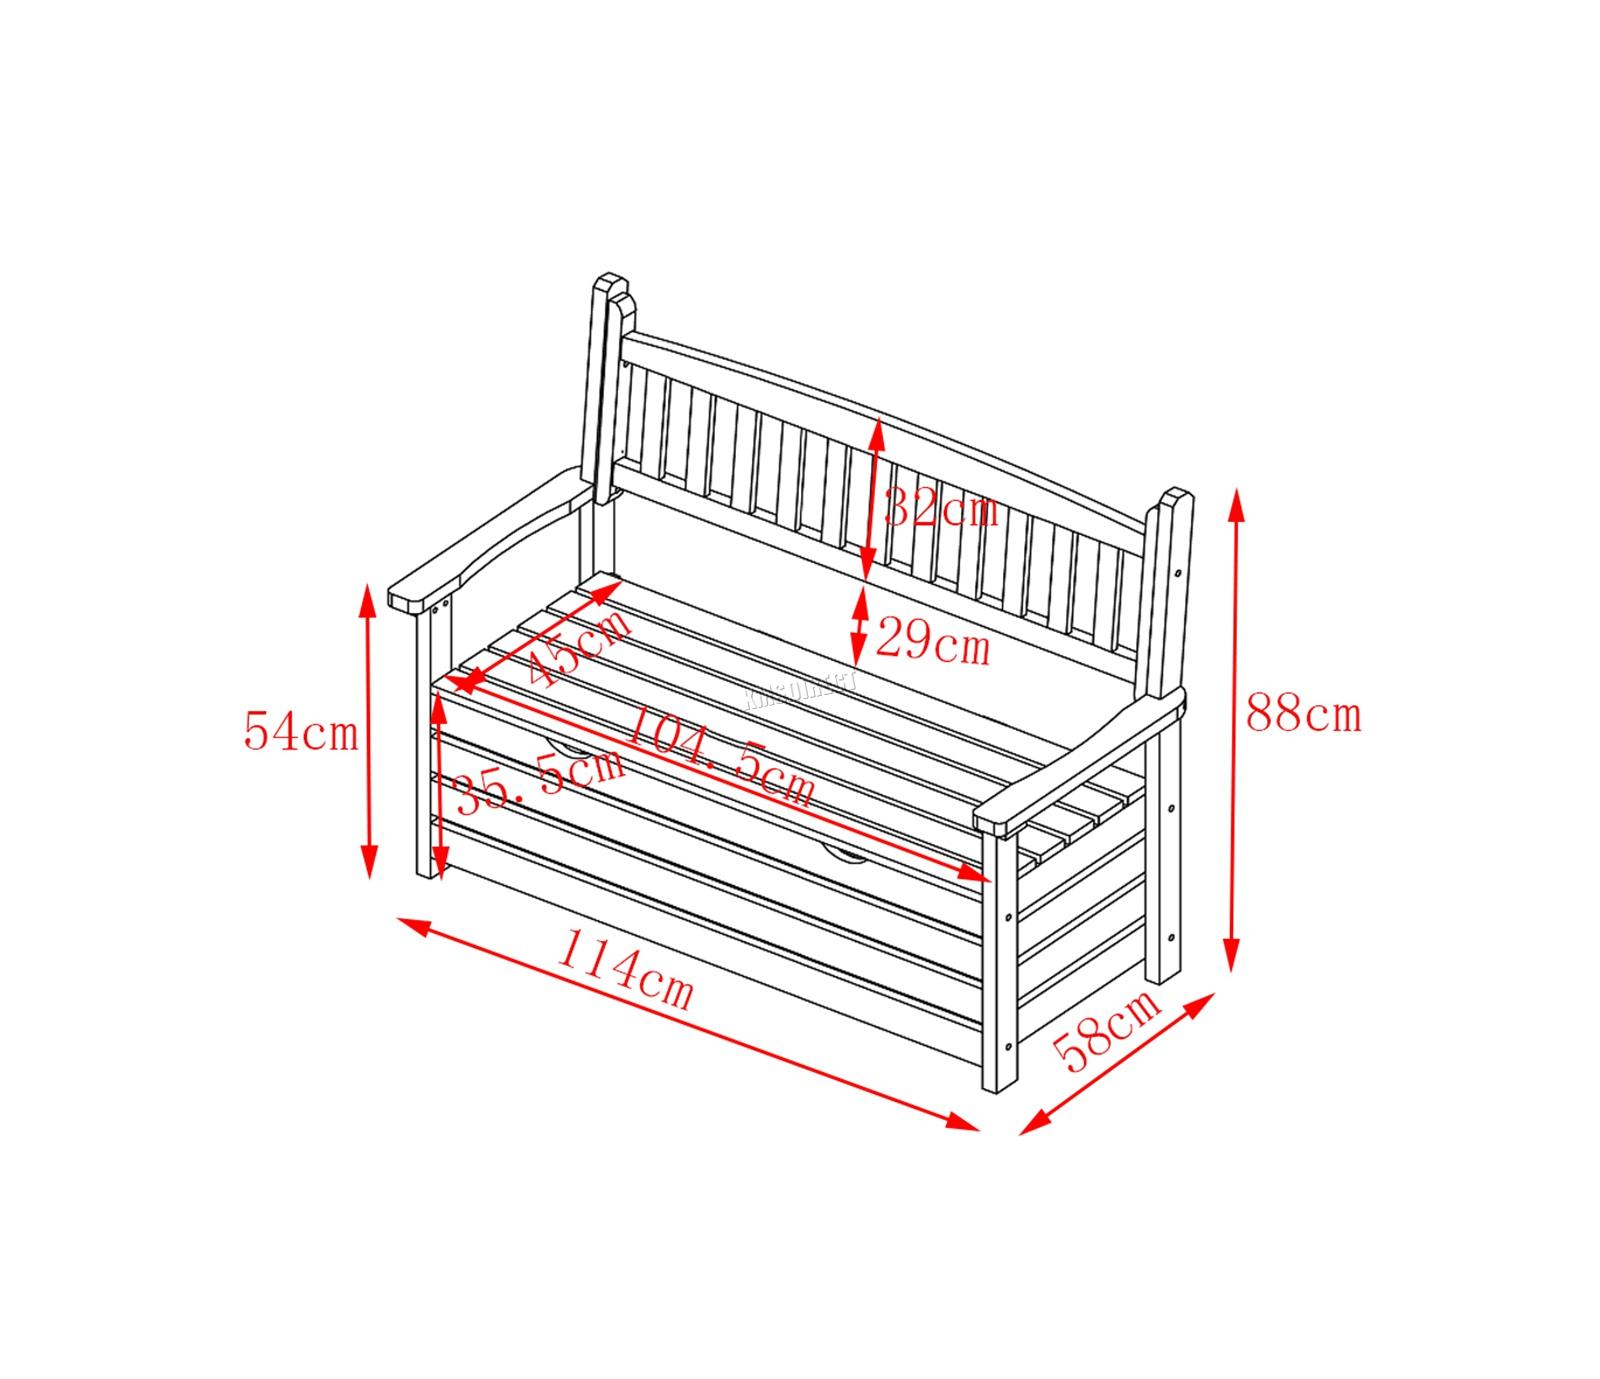 Westwood banc de jardin 2 places Boîte de rangement Chaise Bois Patio Deck Patio Extérieur